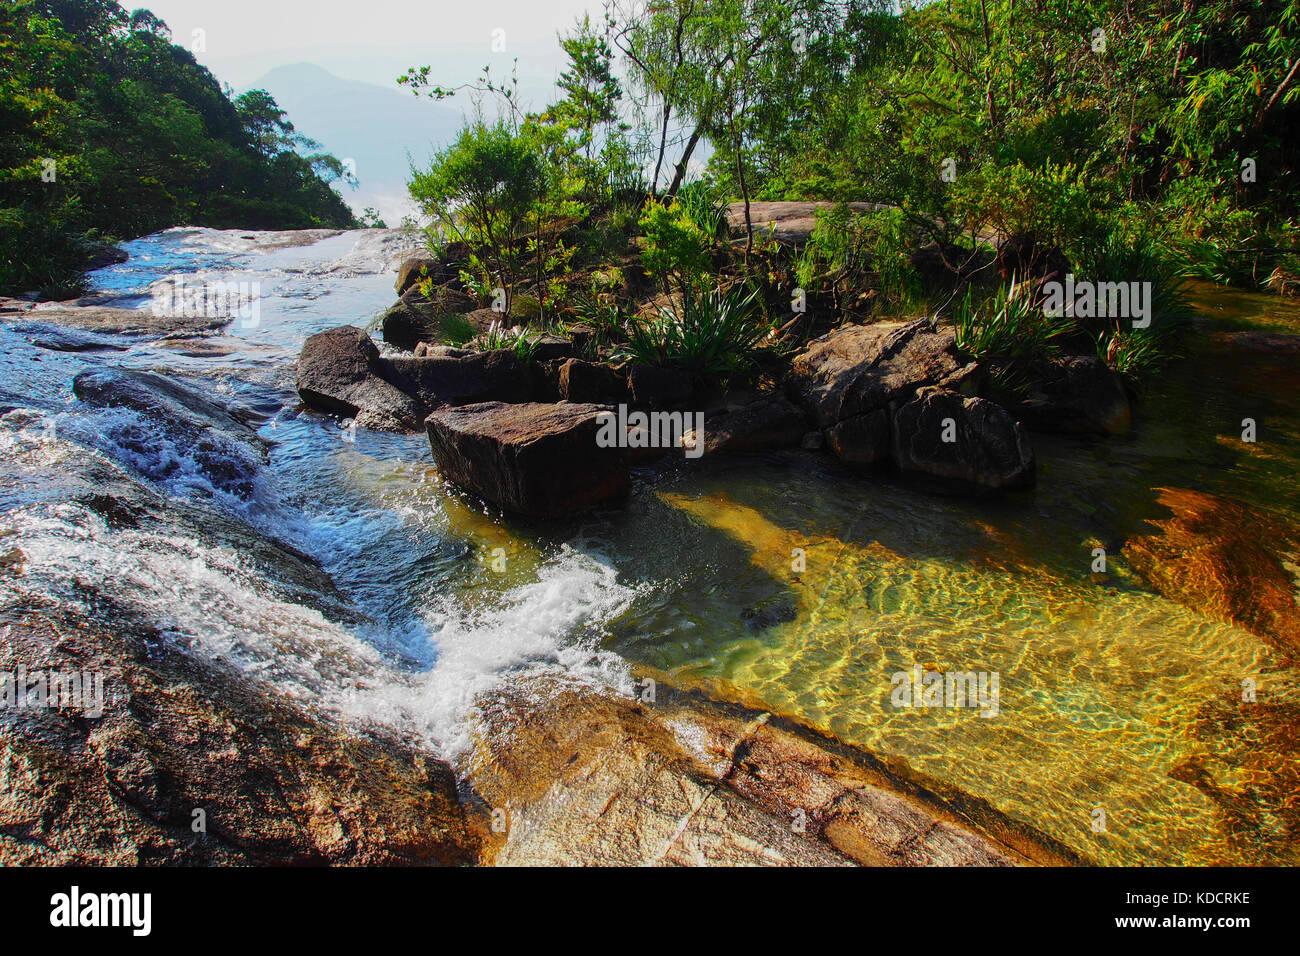 Flowing water in Tropical rainforest, Chemerong Berembun Langsir, CBL, malaysia - Stock Image